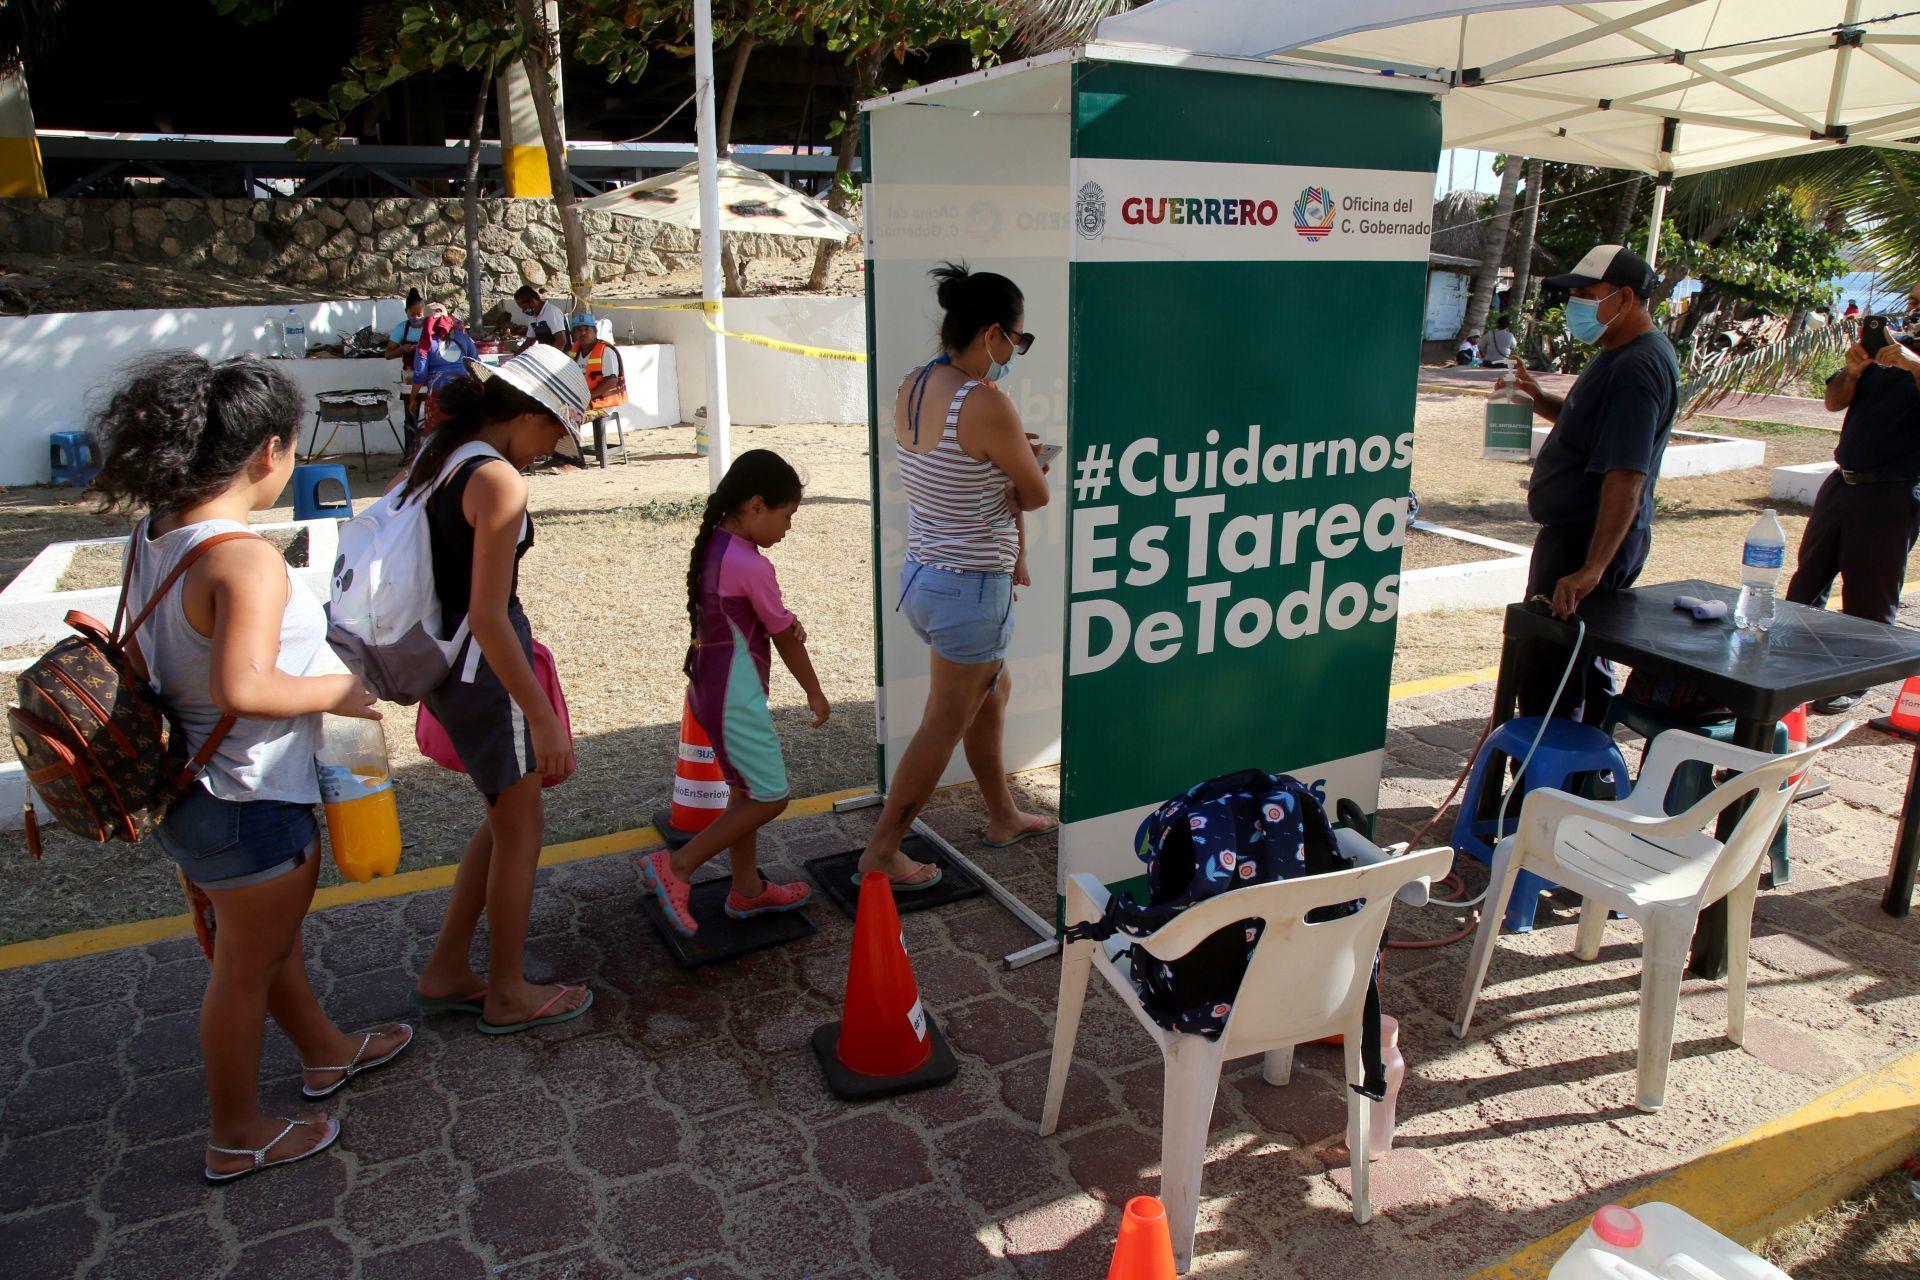 Las autoridades de turismo anunciaron que el día de hoy el puerto llego a 31.8 % de ocupación hotelera. (FOTO: CARLOS ALBERTO CARBAJAL/CUARTOSCURO)